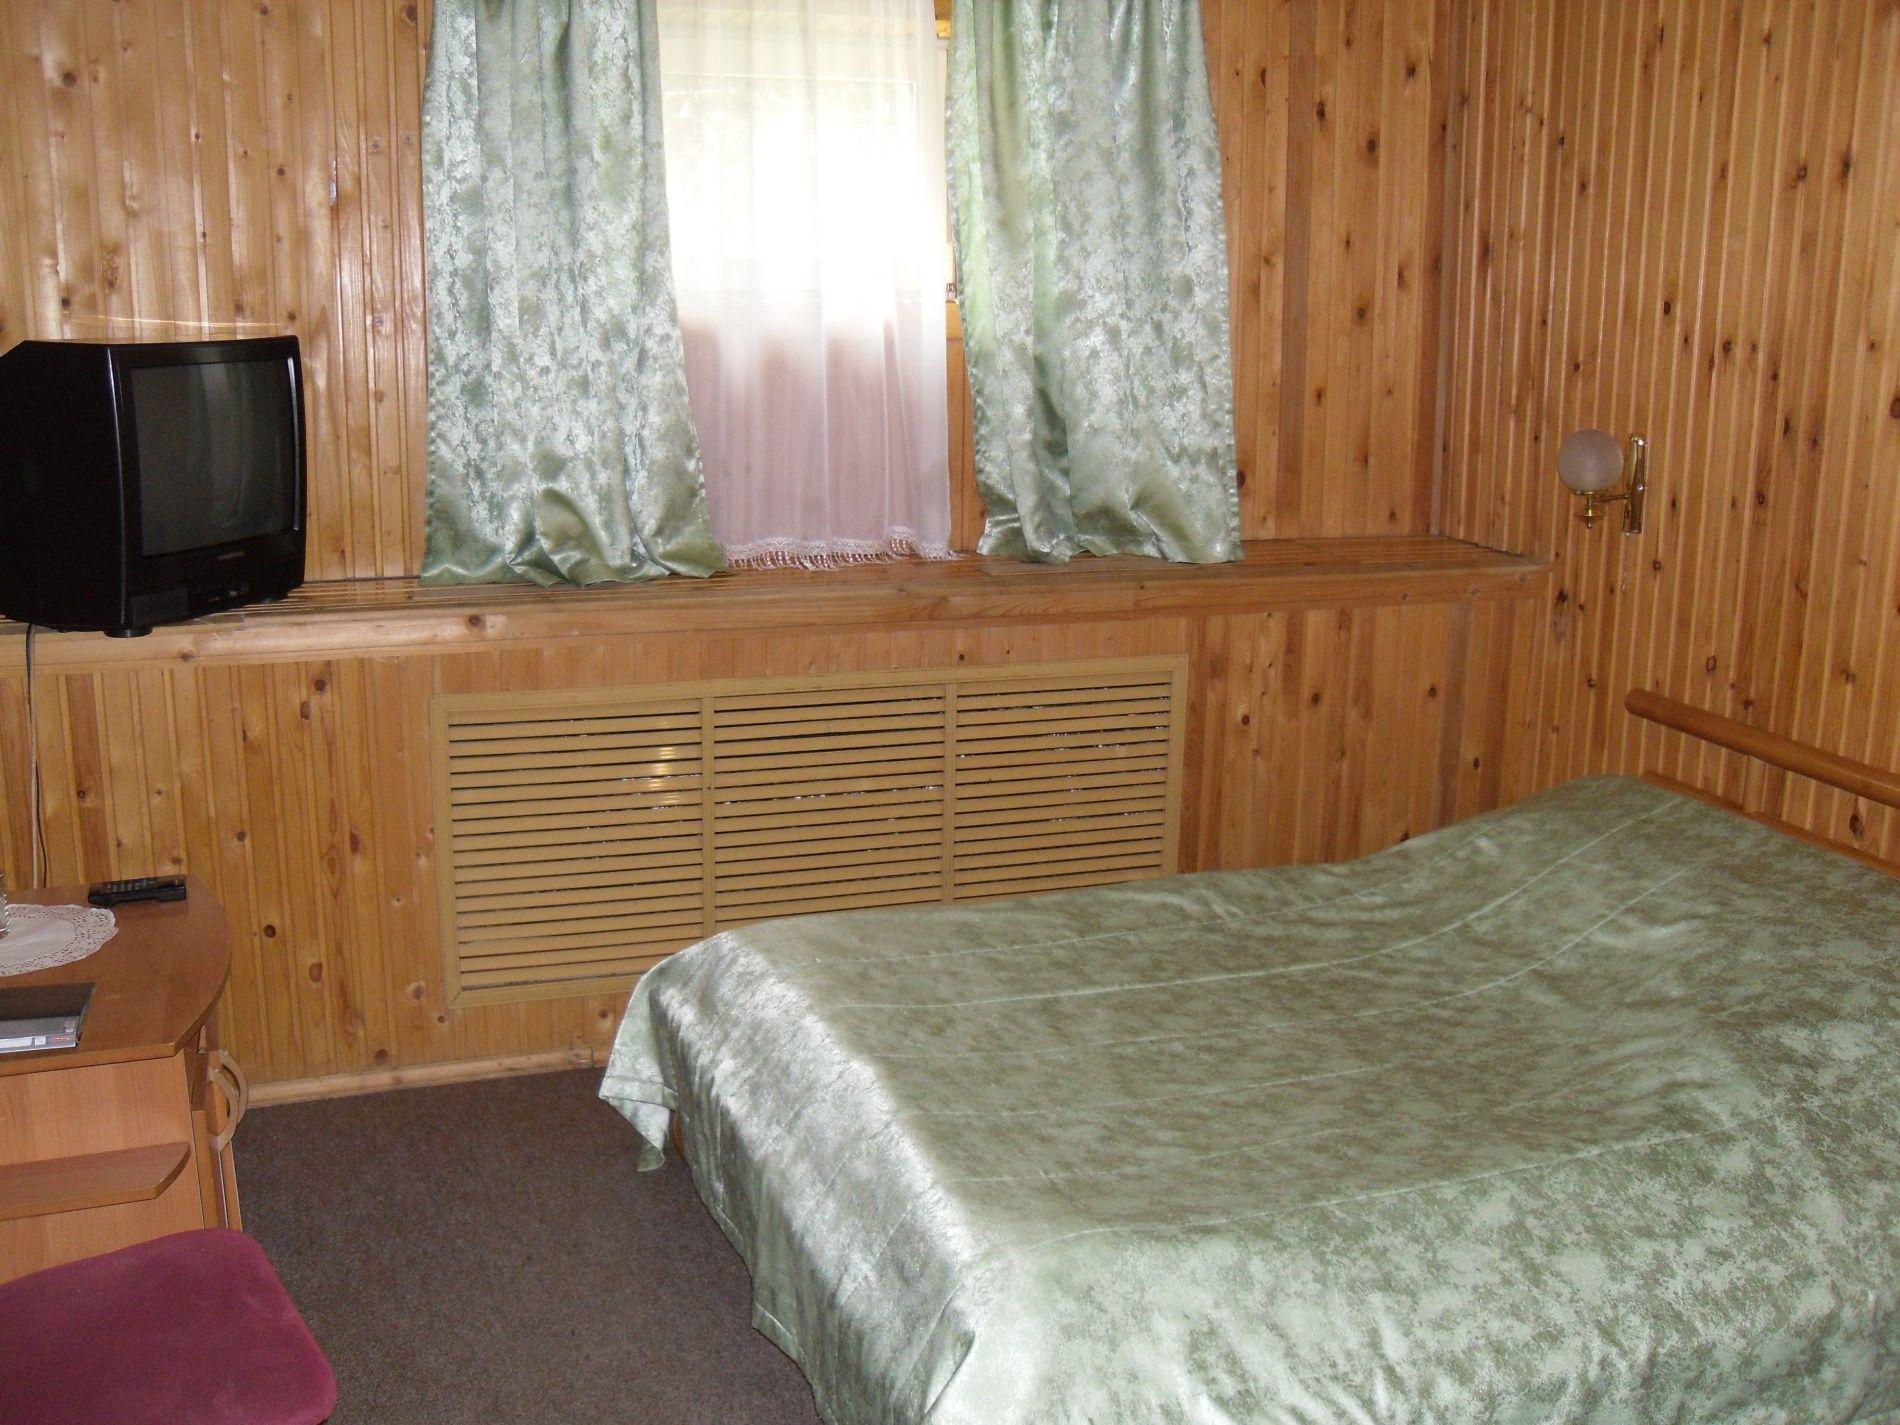 Туристический комплекс «Мирная Пристань» Ивановская область 1-комнатный номер 1 категории (№ 4, 6, 19, 10), фото 3